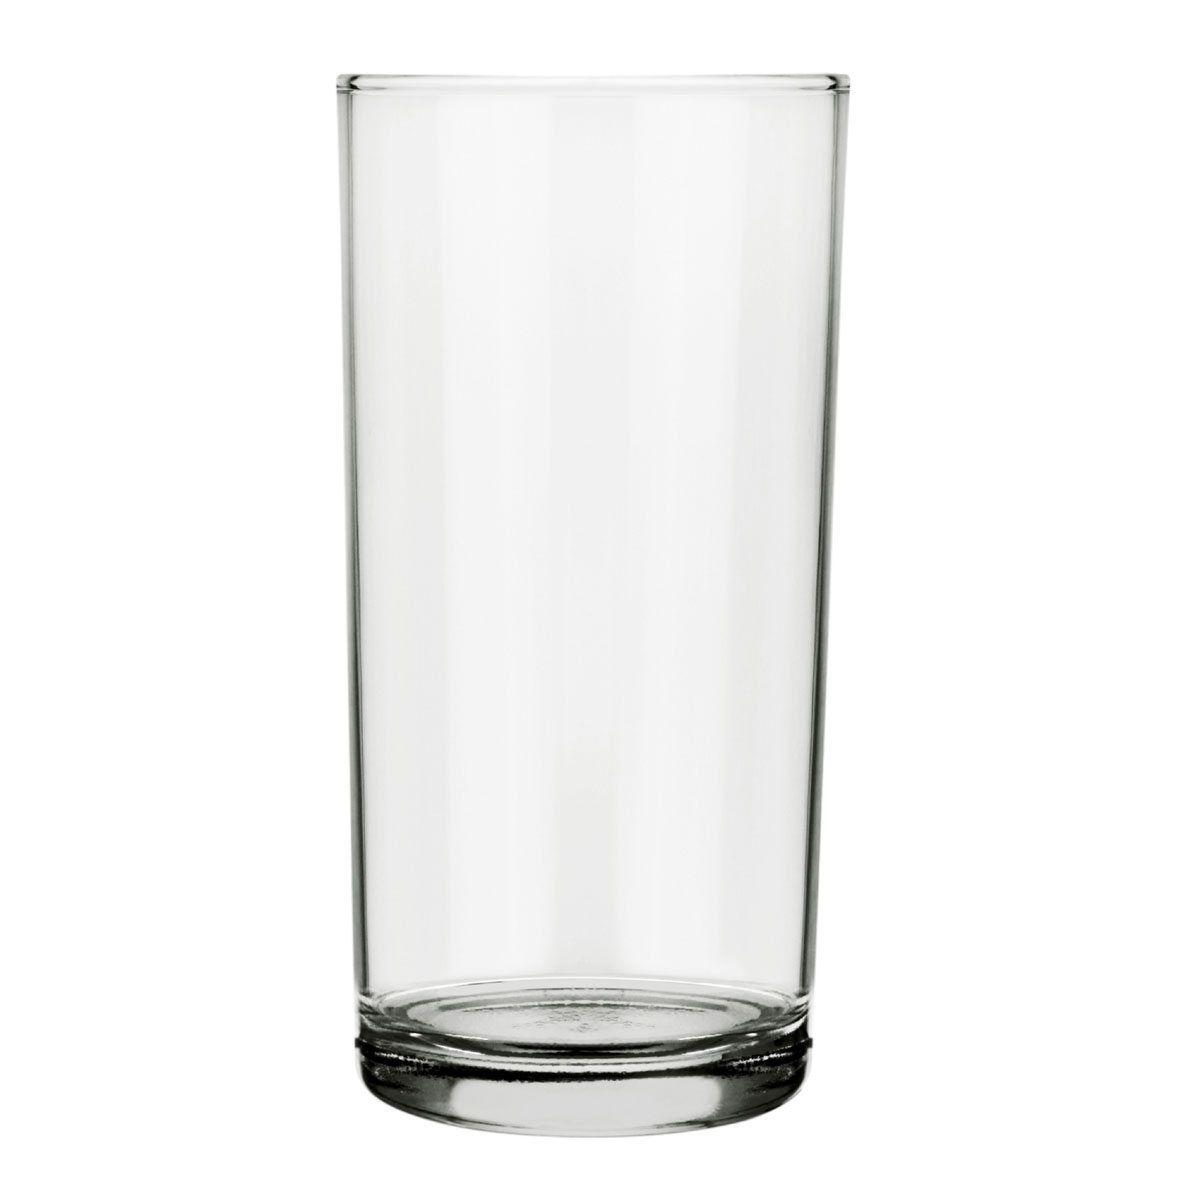 Copo de Água ou Suco Cilindro 300ml